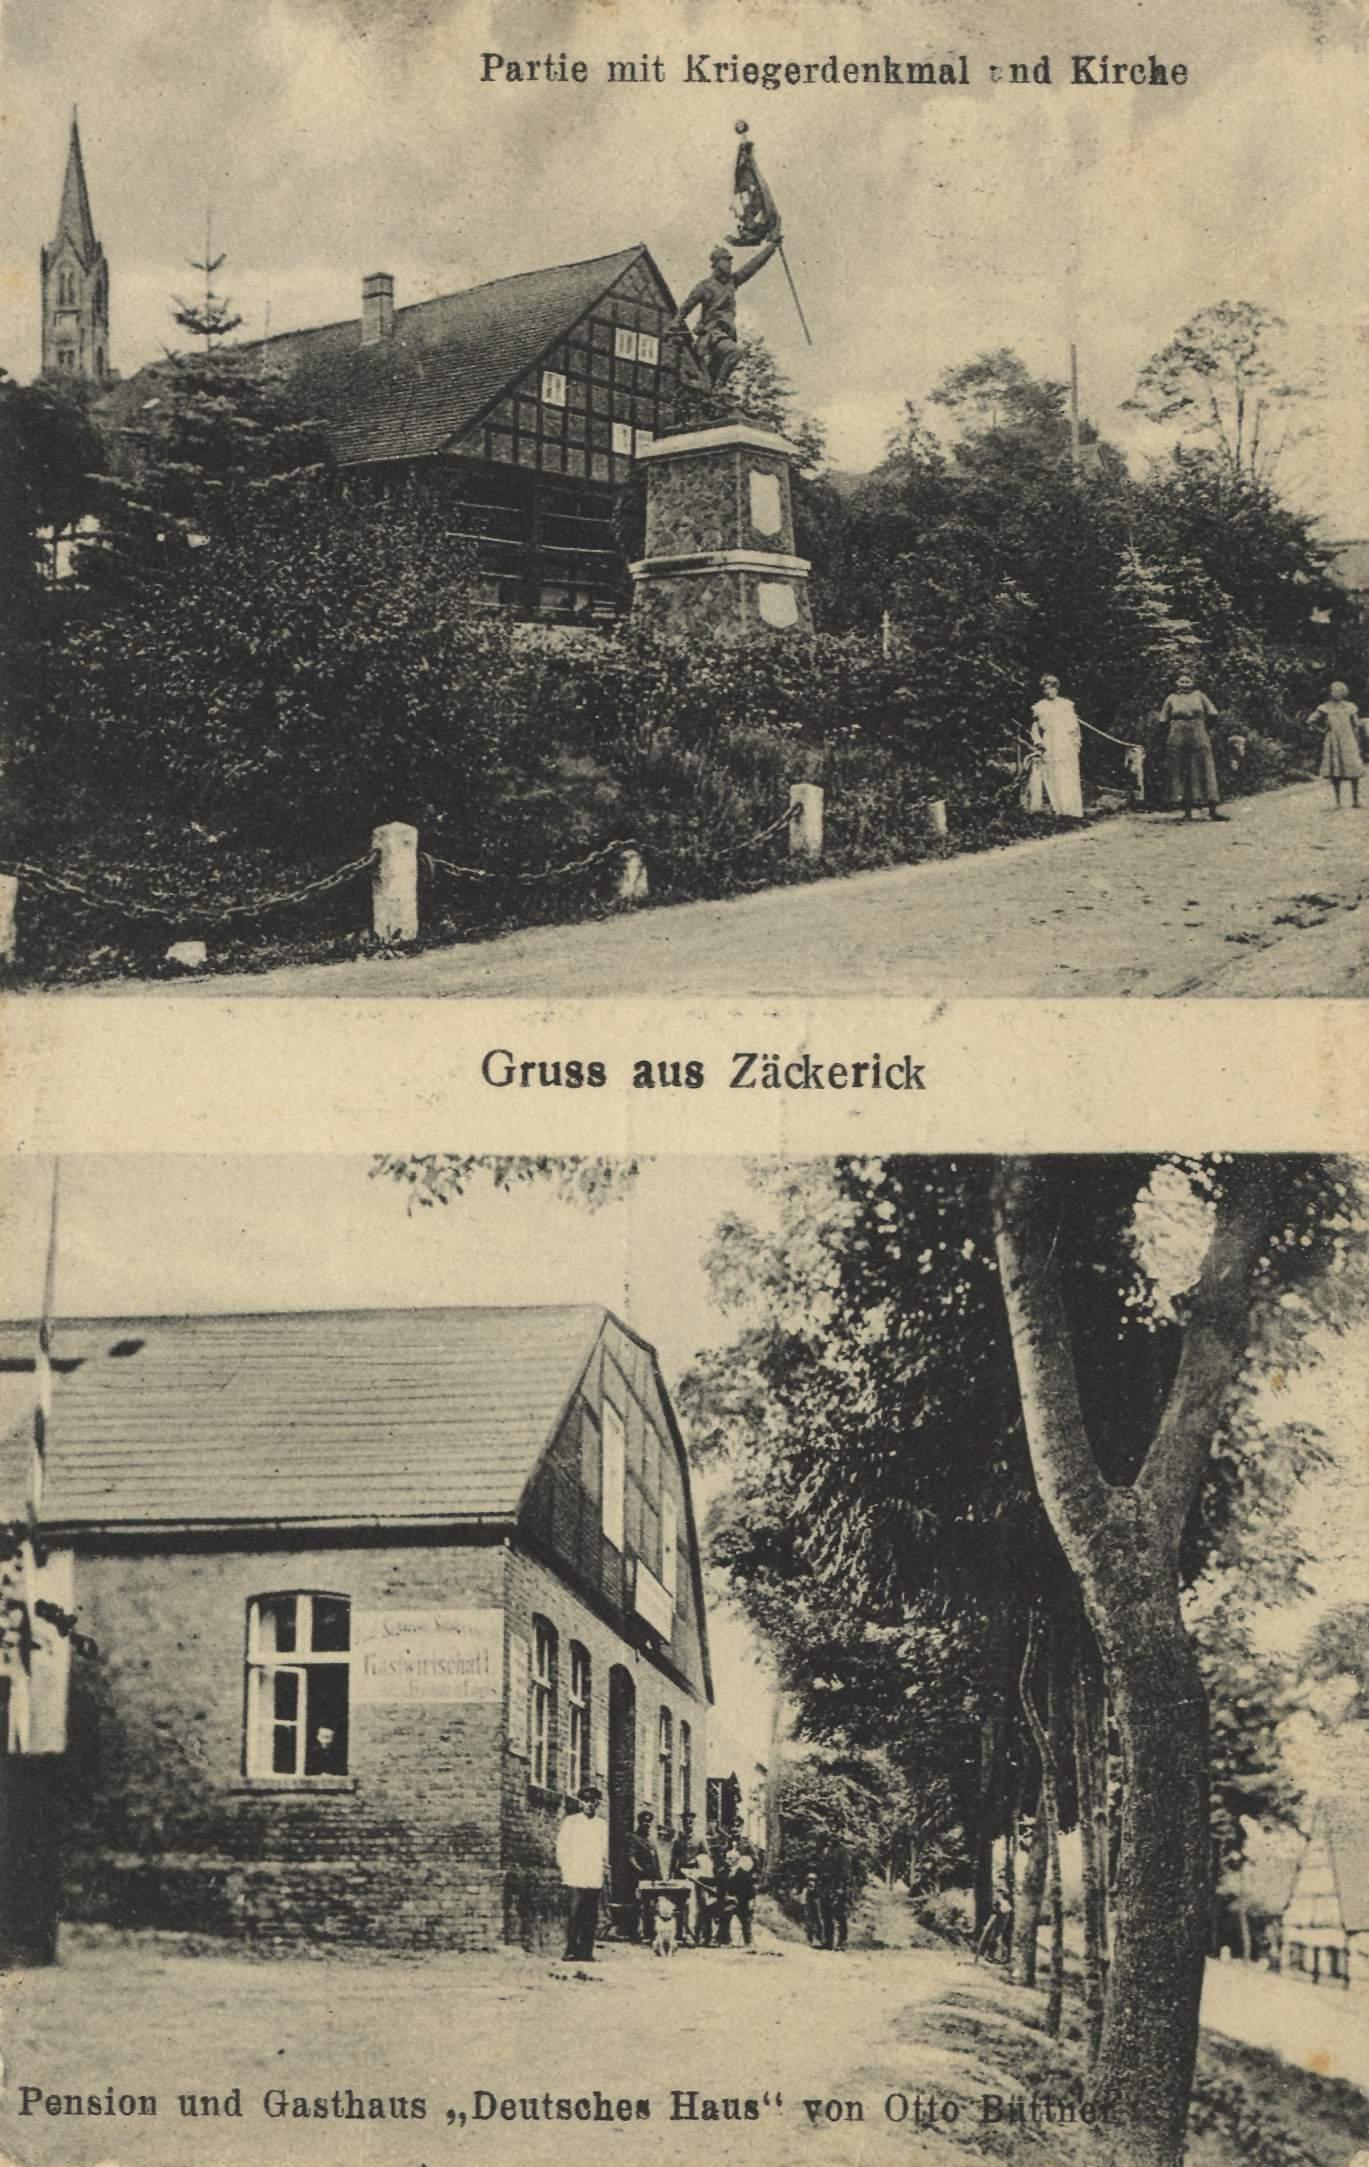 Zäckerick Ostbrandenburg Kriegerdenkmal und Kirche